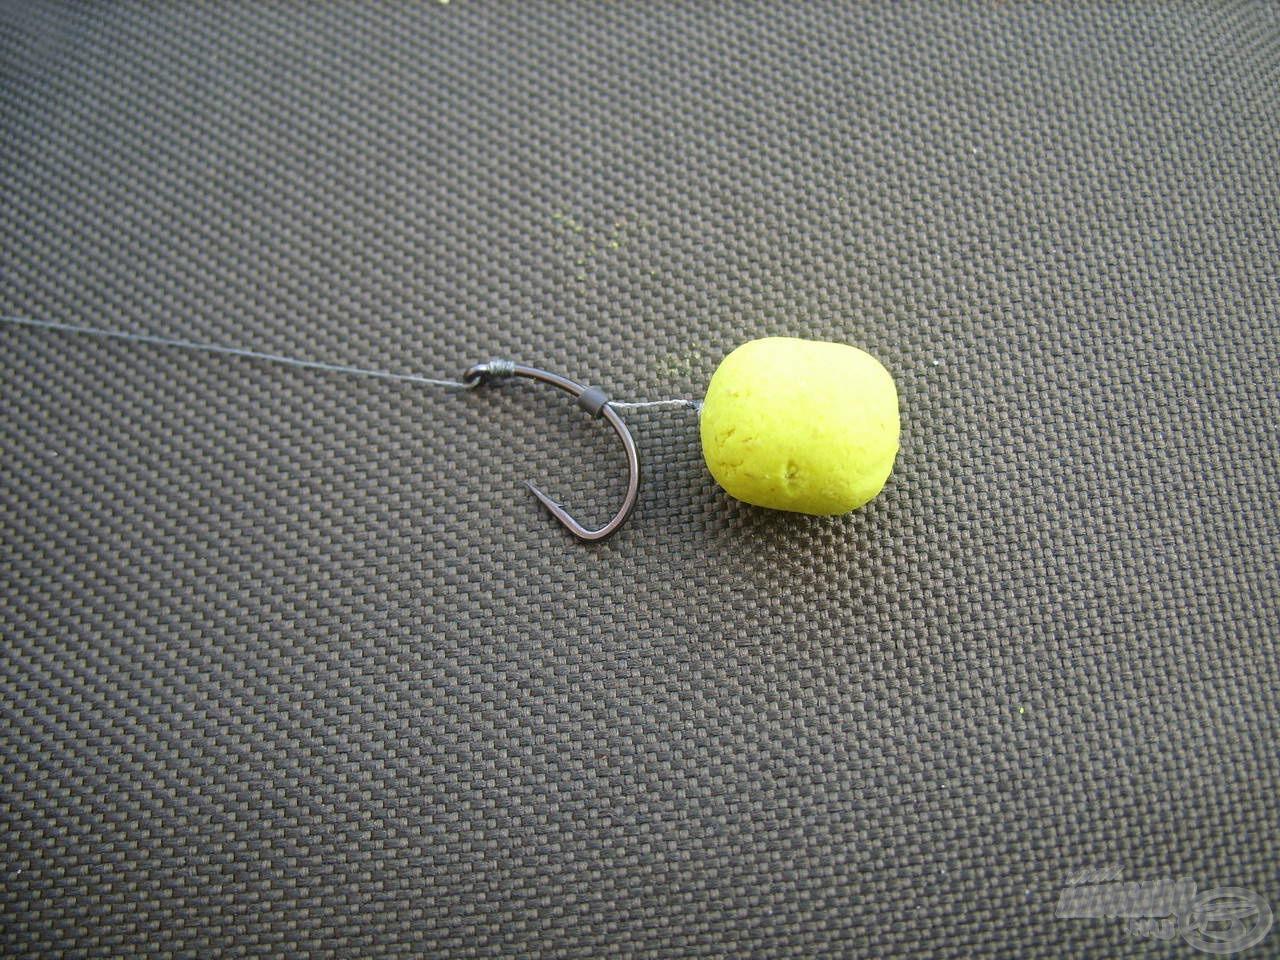 1. csalikombináció: A horgászat első számú favoritja a legtöbb halat eredményező Haldorádó Fluo Oldódó Lebegő Pellet volt Édes Ananász ízesítésben. Ezt a legnagyobb szemméretben, 15 mm-es csalitüskére szúrva használtam